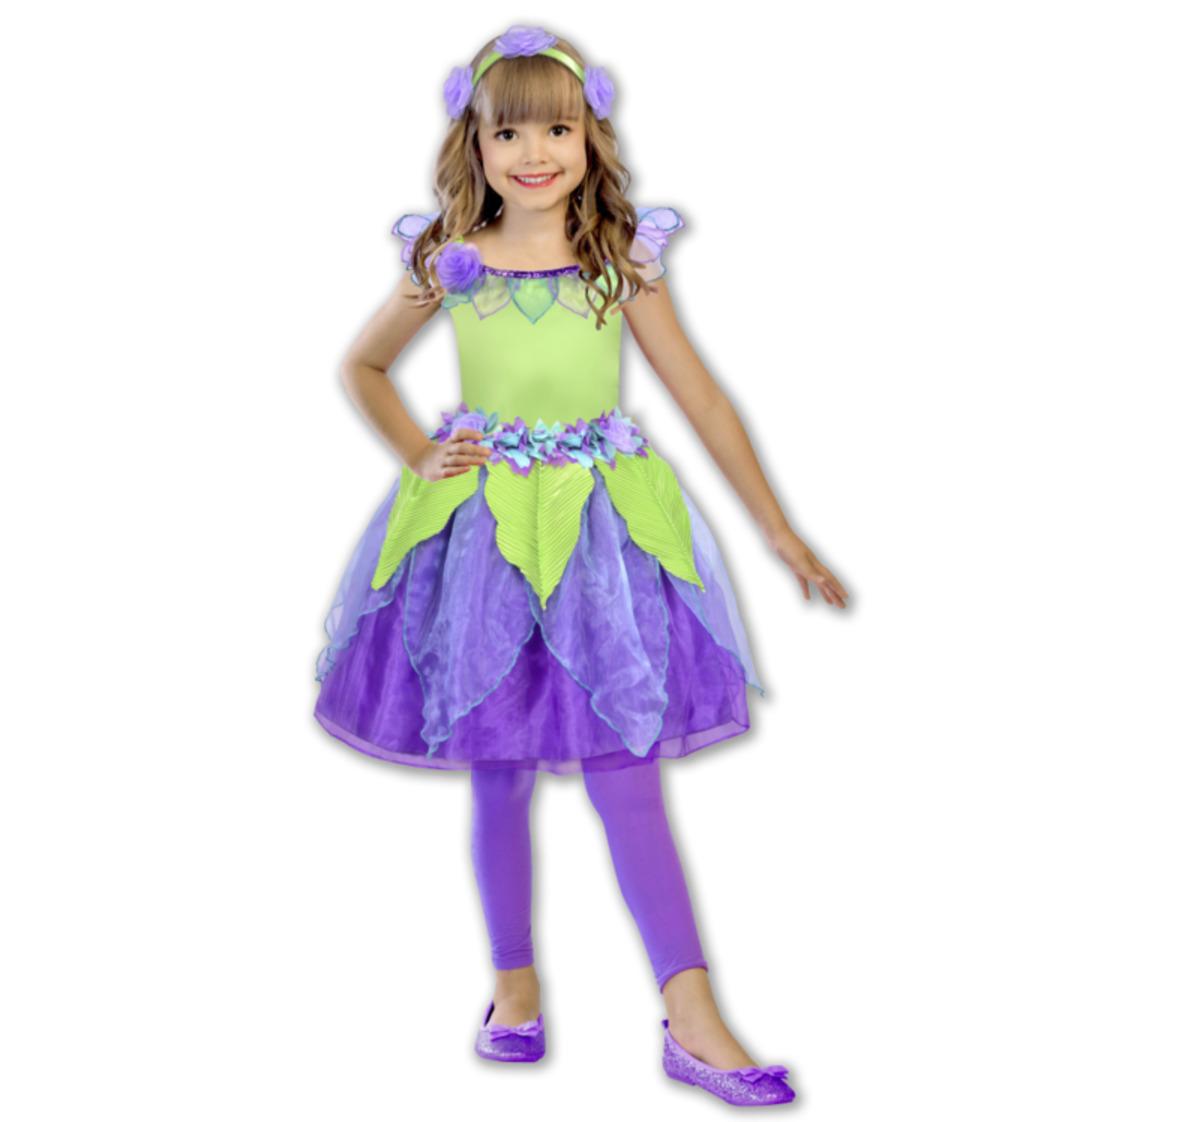 Bild 3 von Karnevalskostüm für Kinder